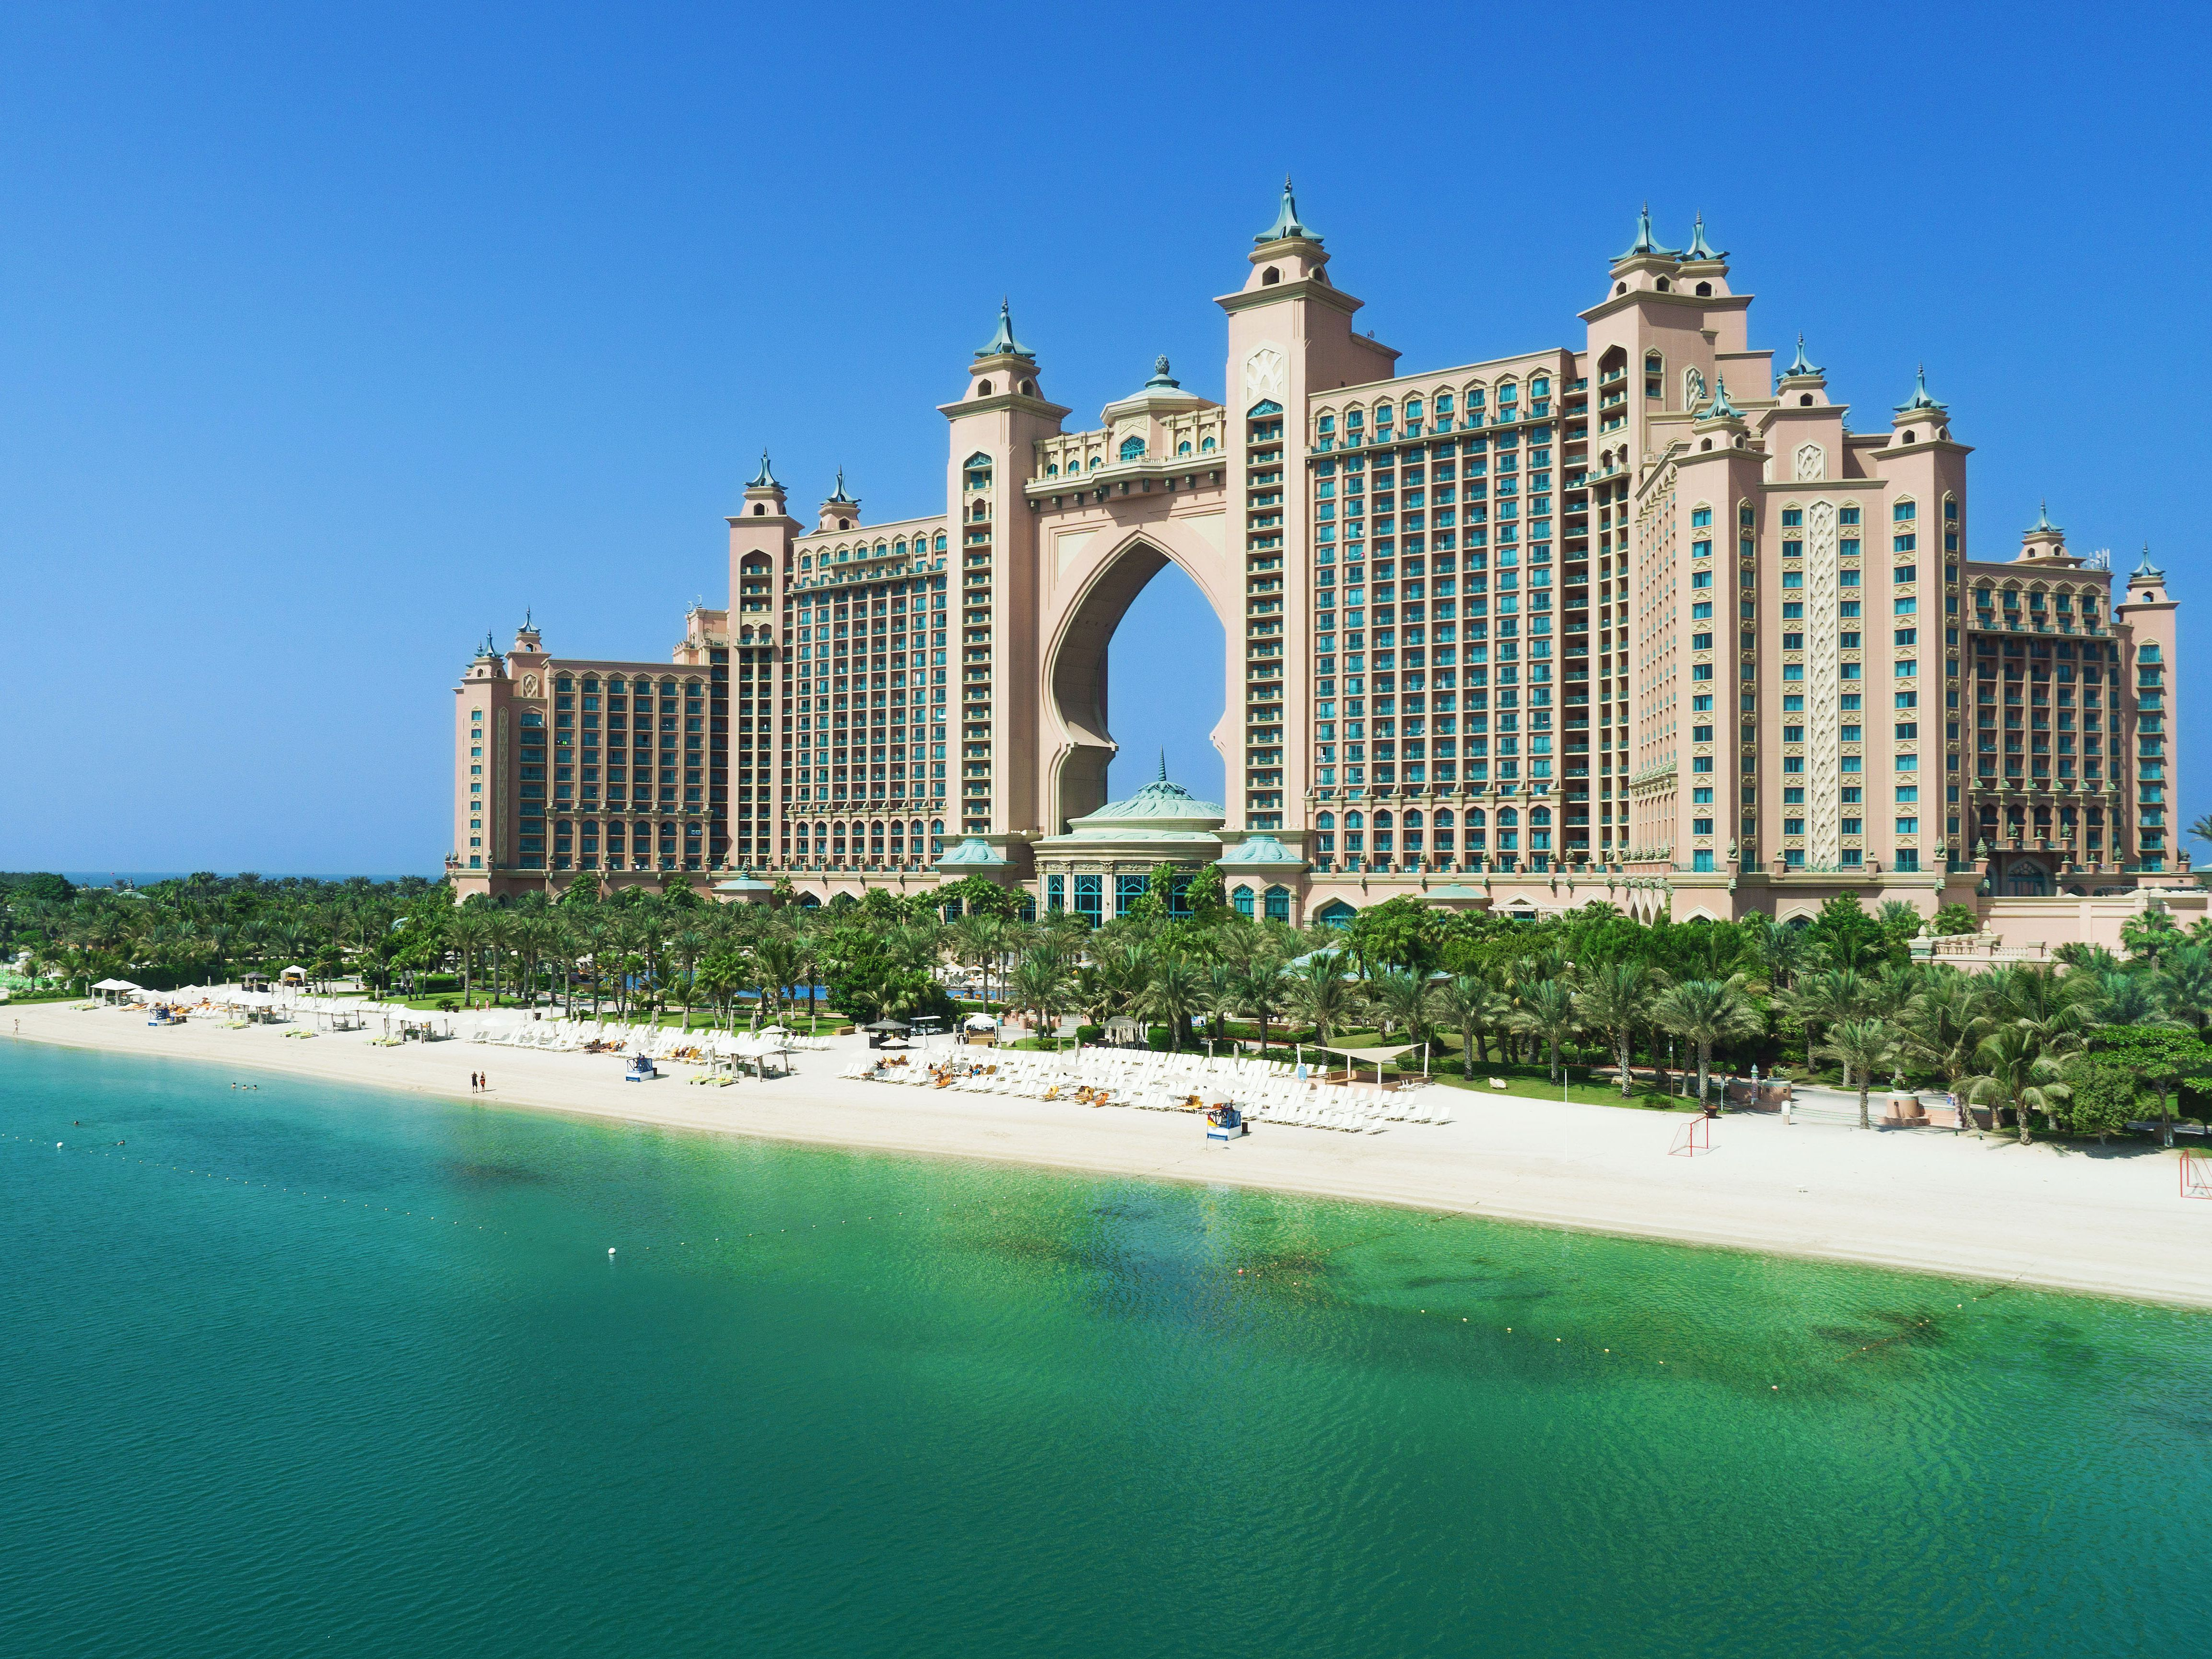 Атлантис палм дубай цены арабские эмираты дубай отдых цены горящие туры